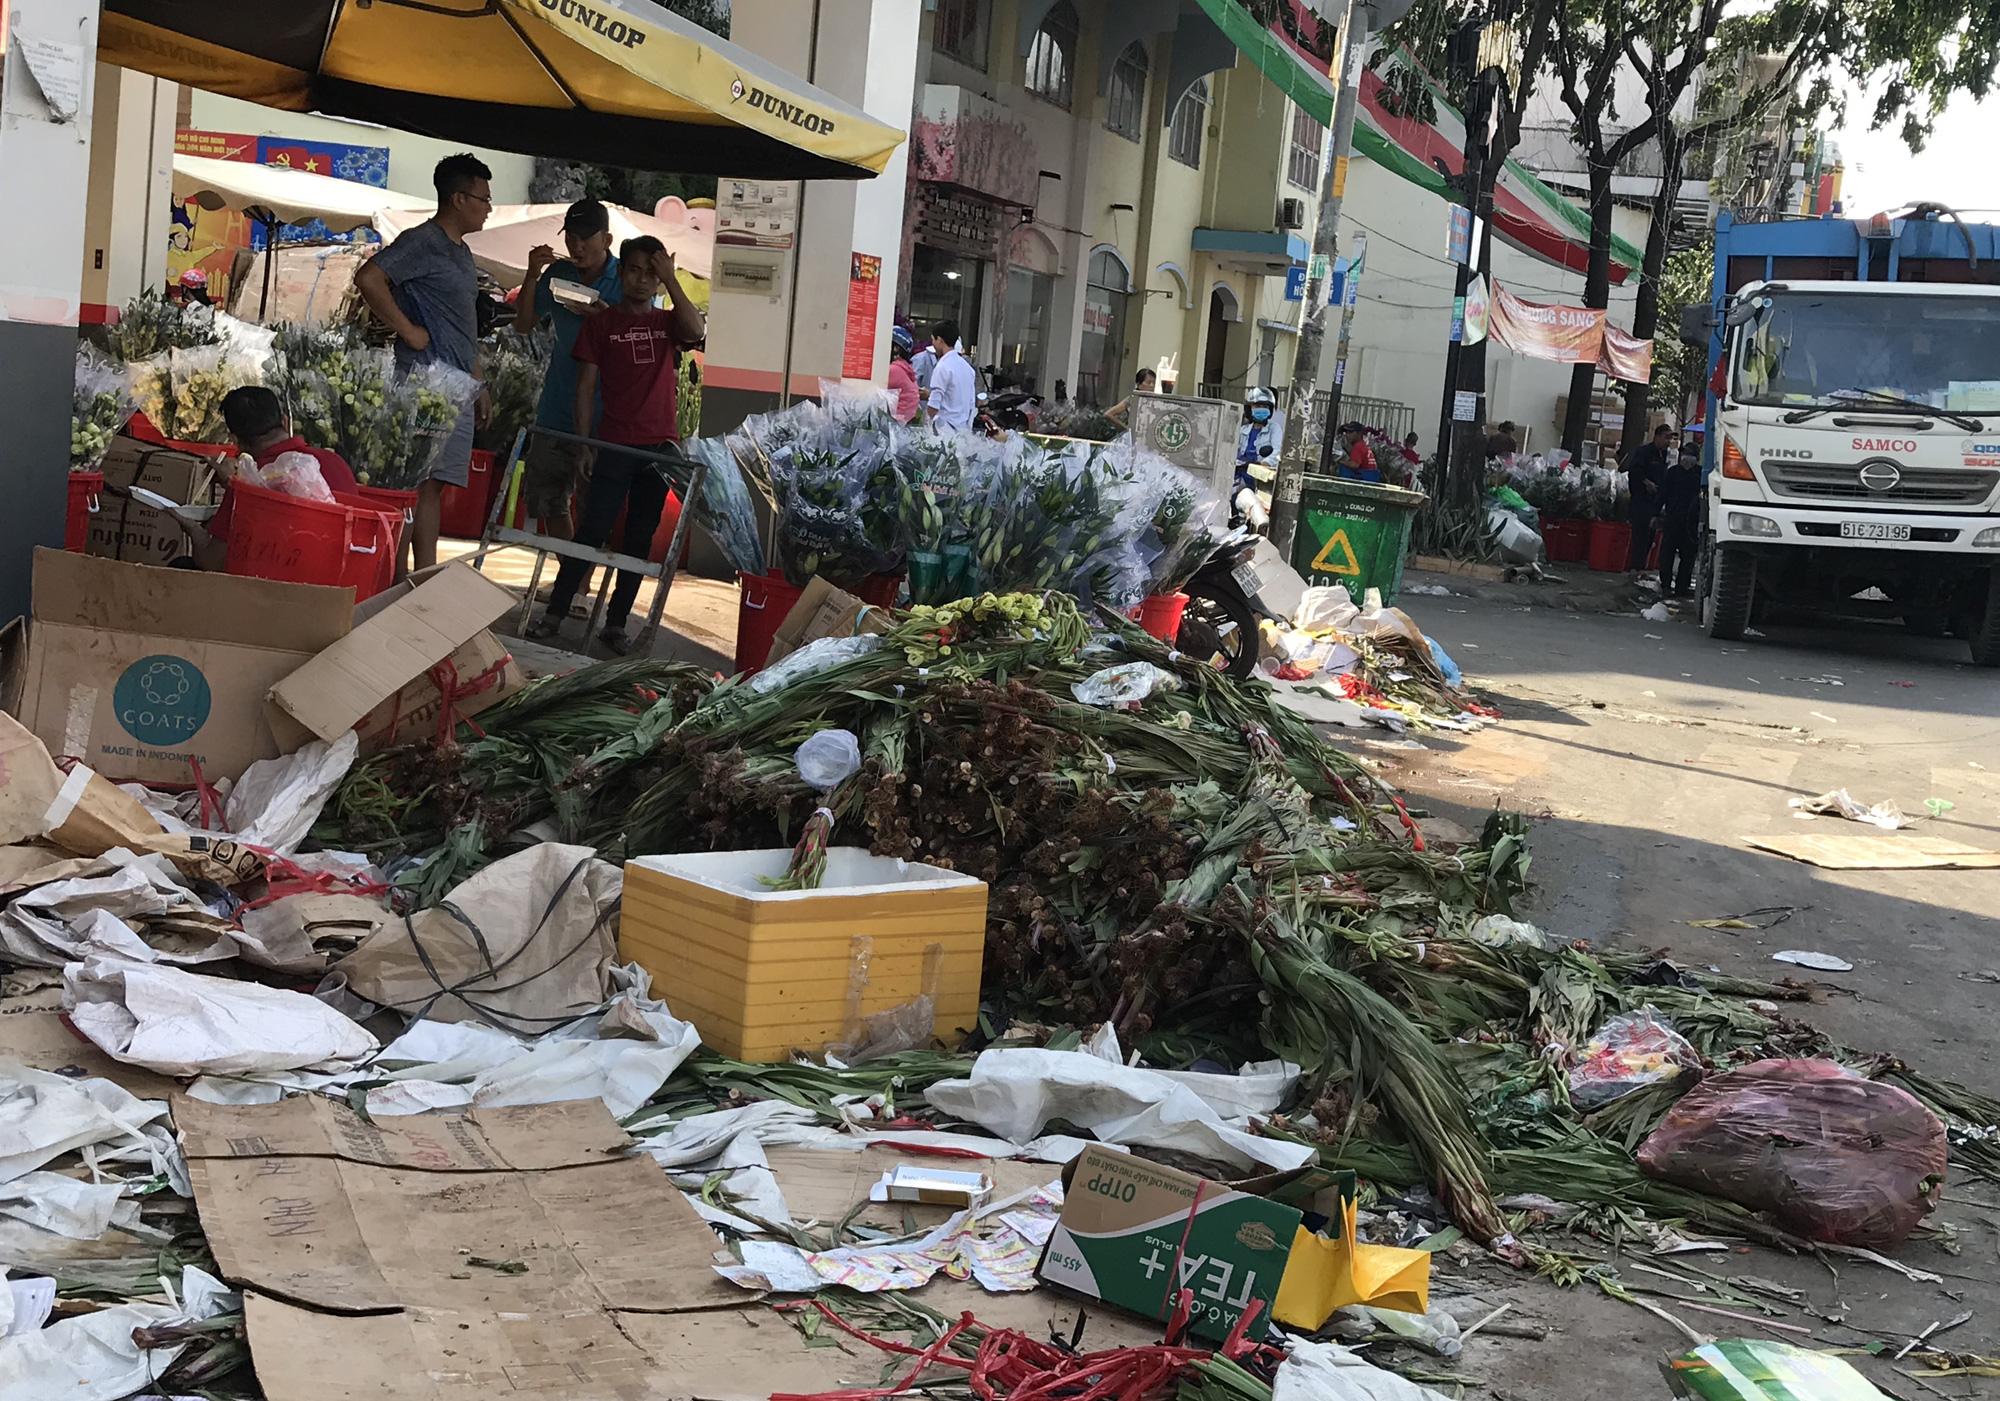 Hoa tươi tại 2 chợ hoa sỉ lớn nhất Sài Gòn chất đống lên xe rác trưa 30 Tết - Ảnh 2.